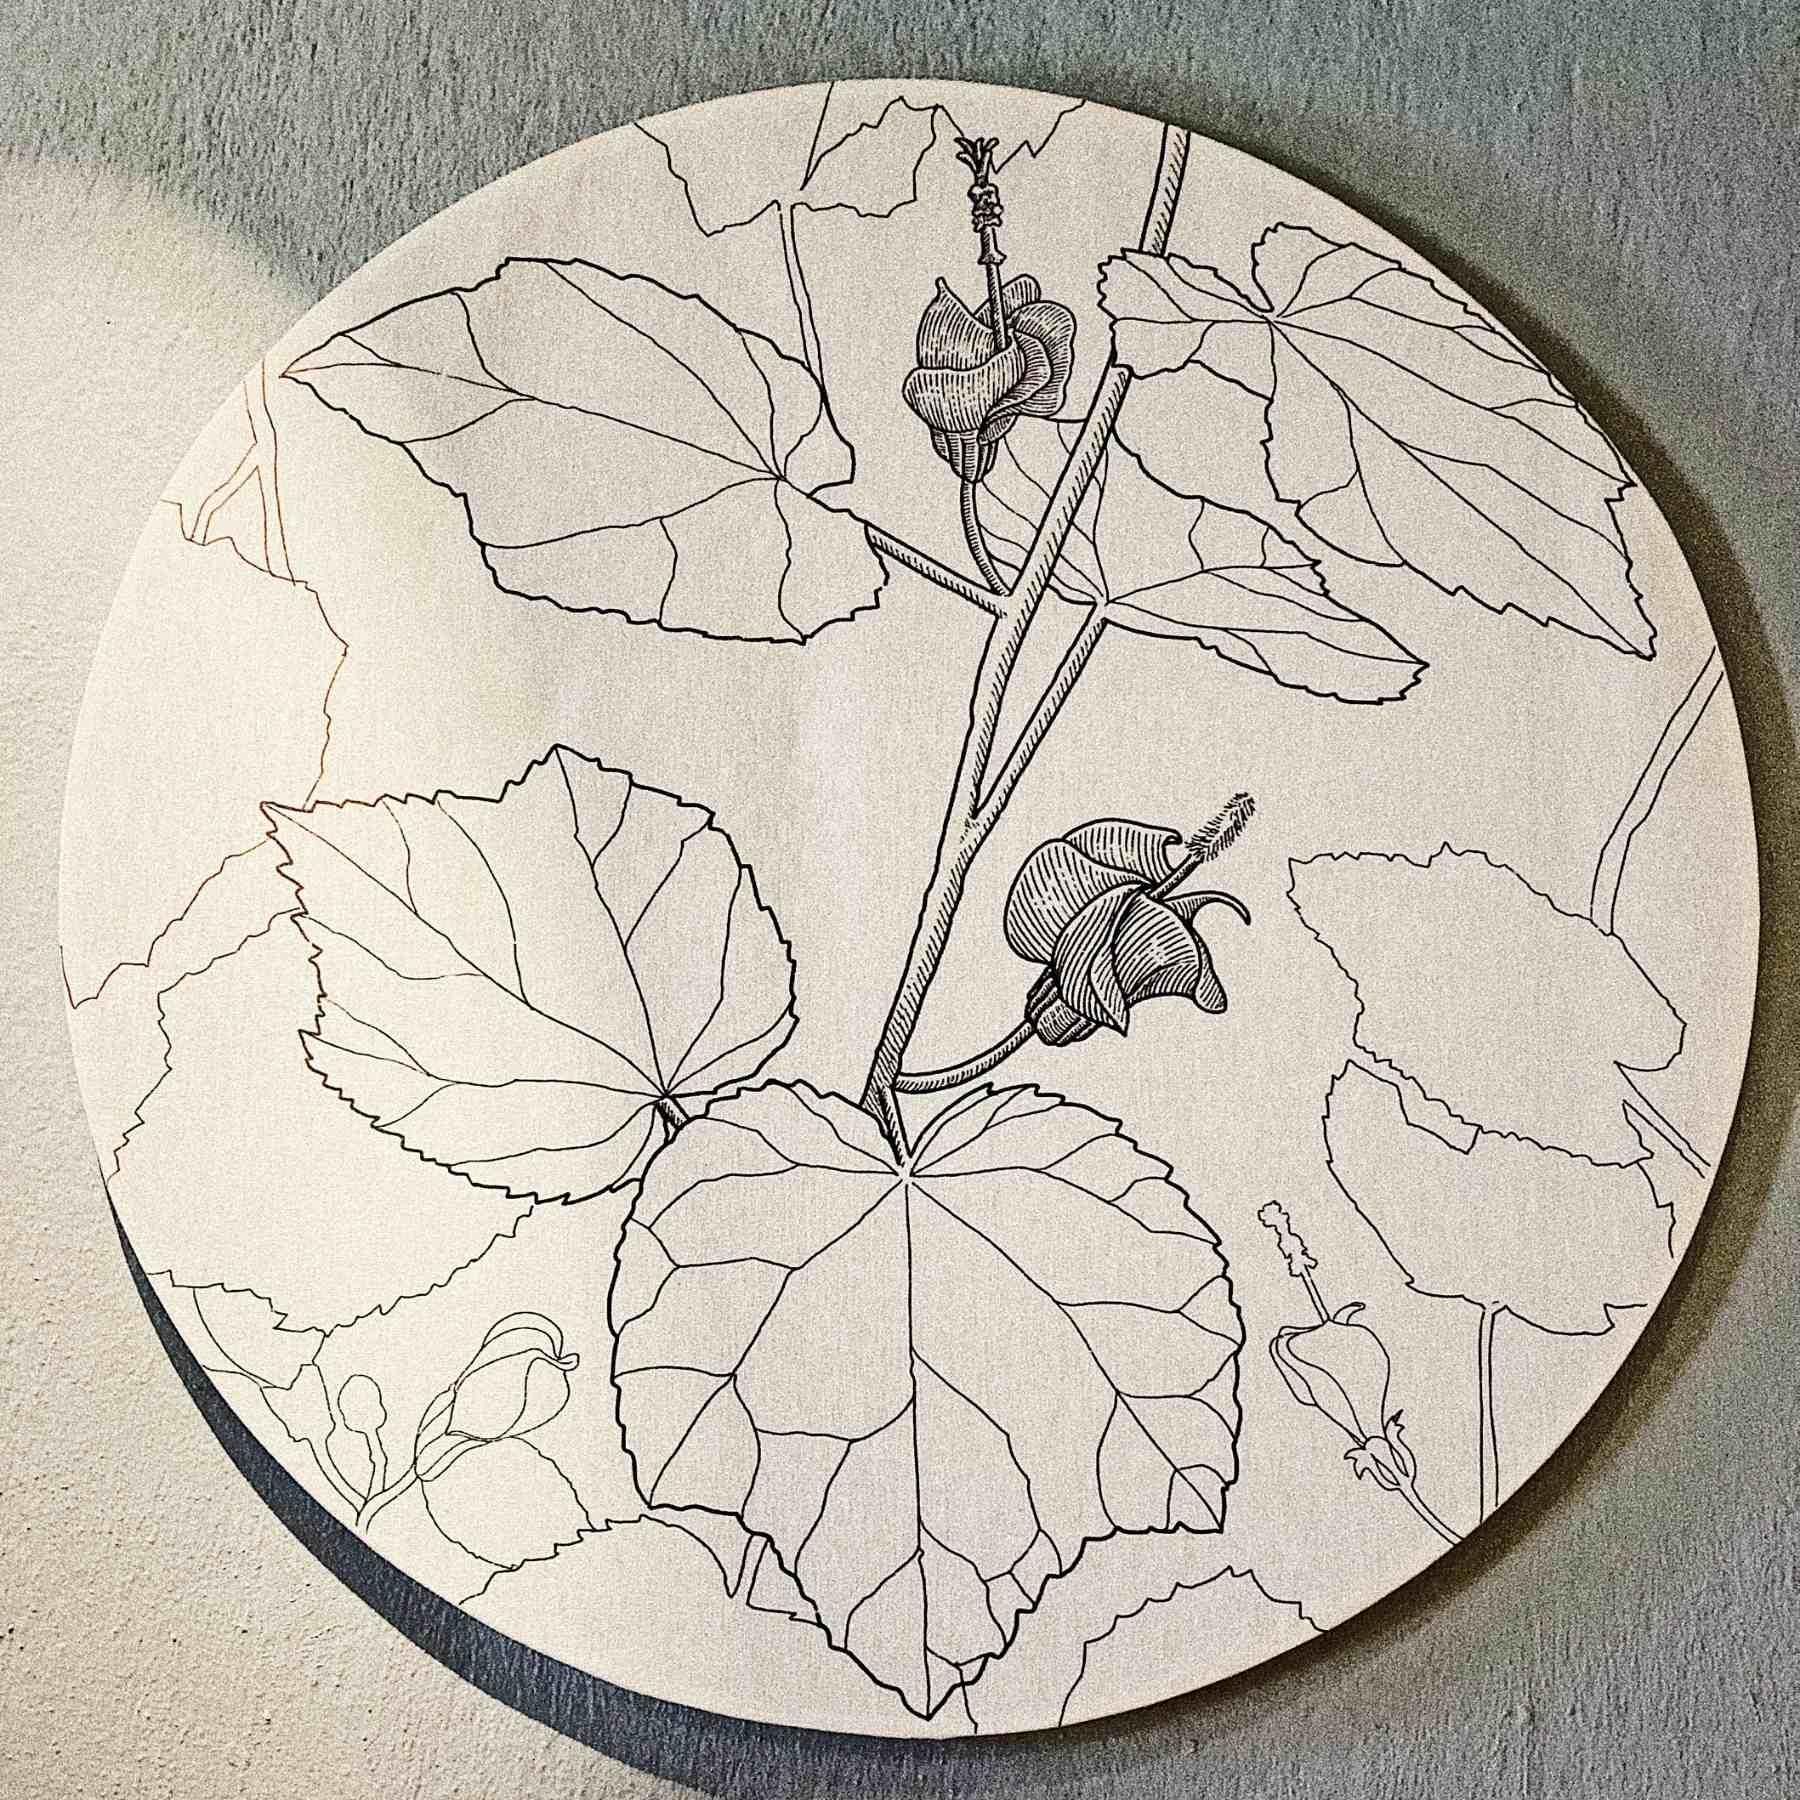 grabado en tela de un colibrí con flores